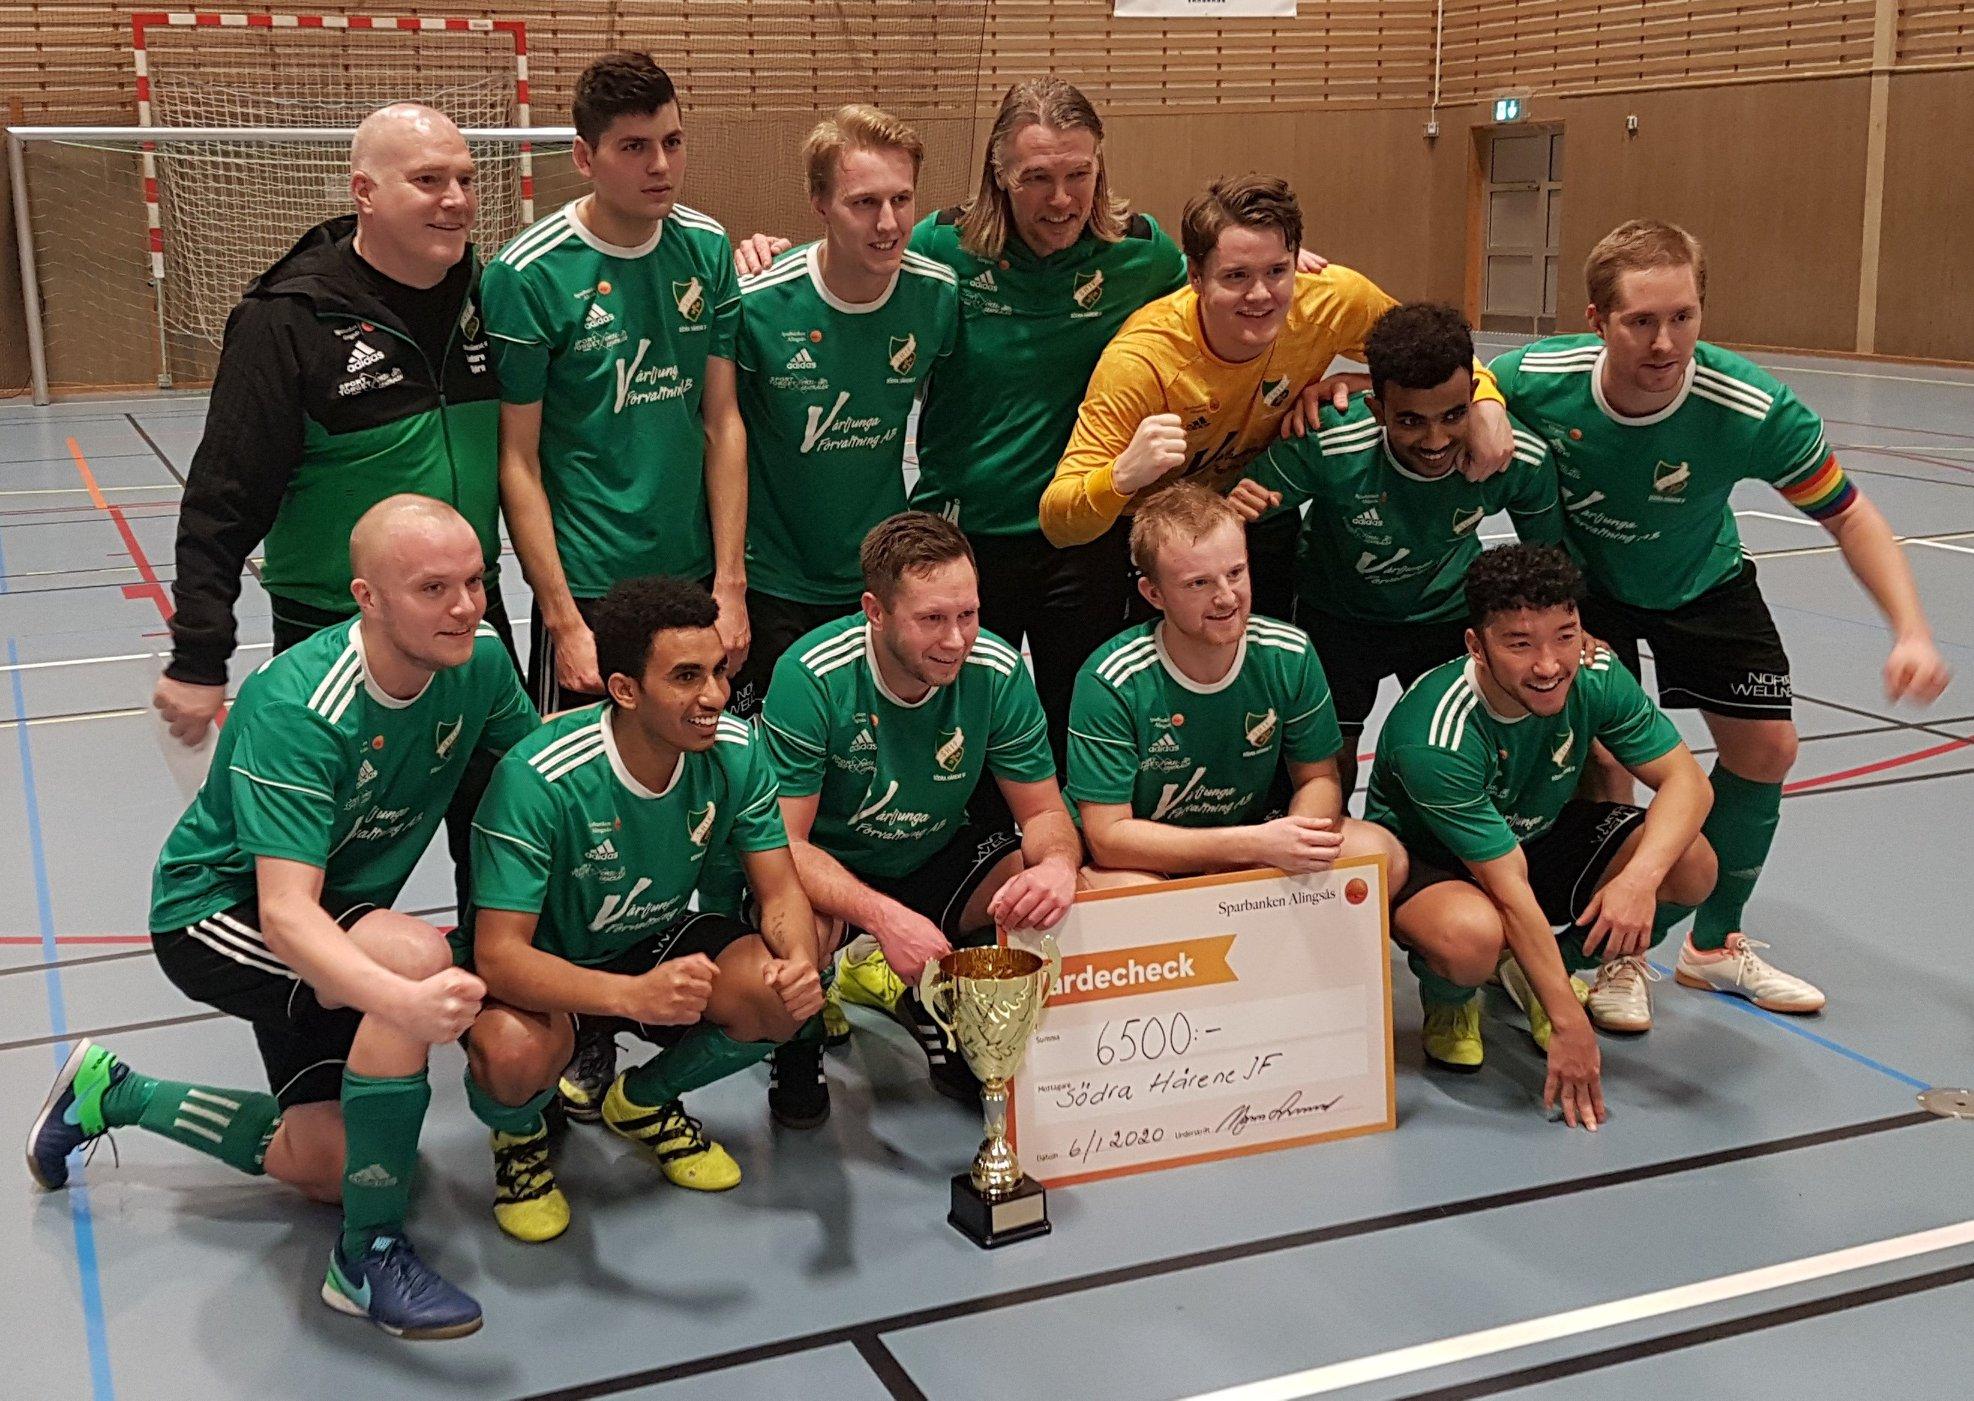 Foto på SHIF:s herrar. Vinnare av Sparbanken Cup 2020.